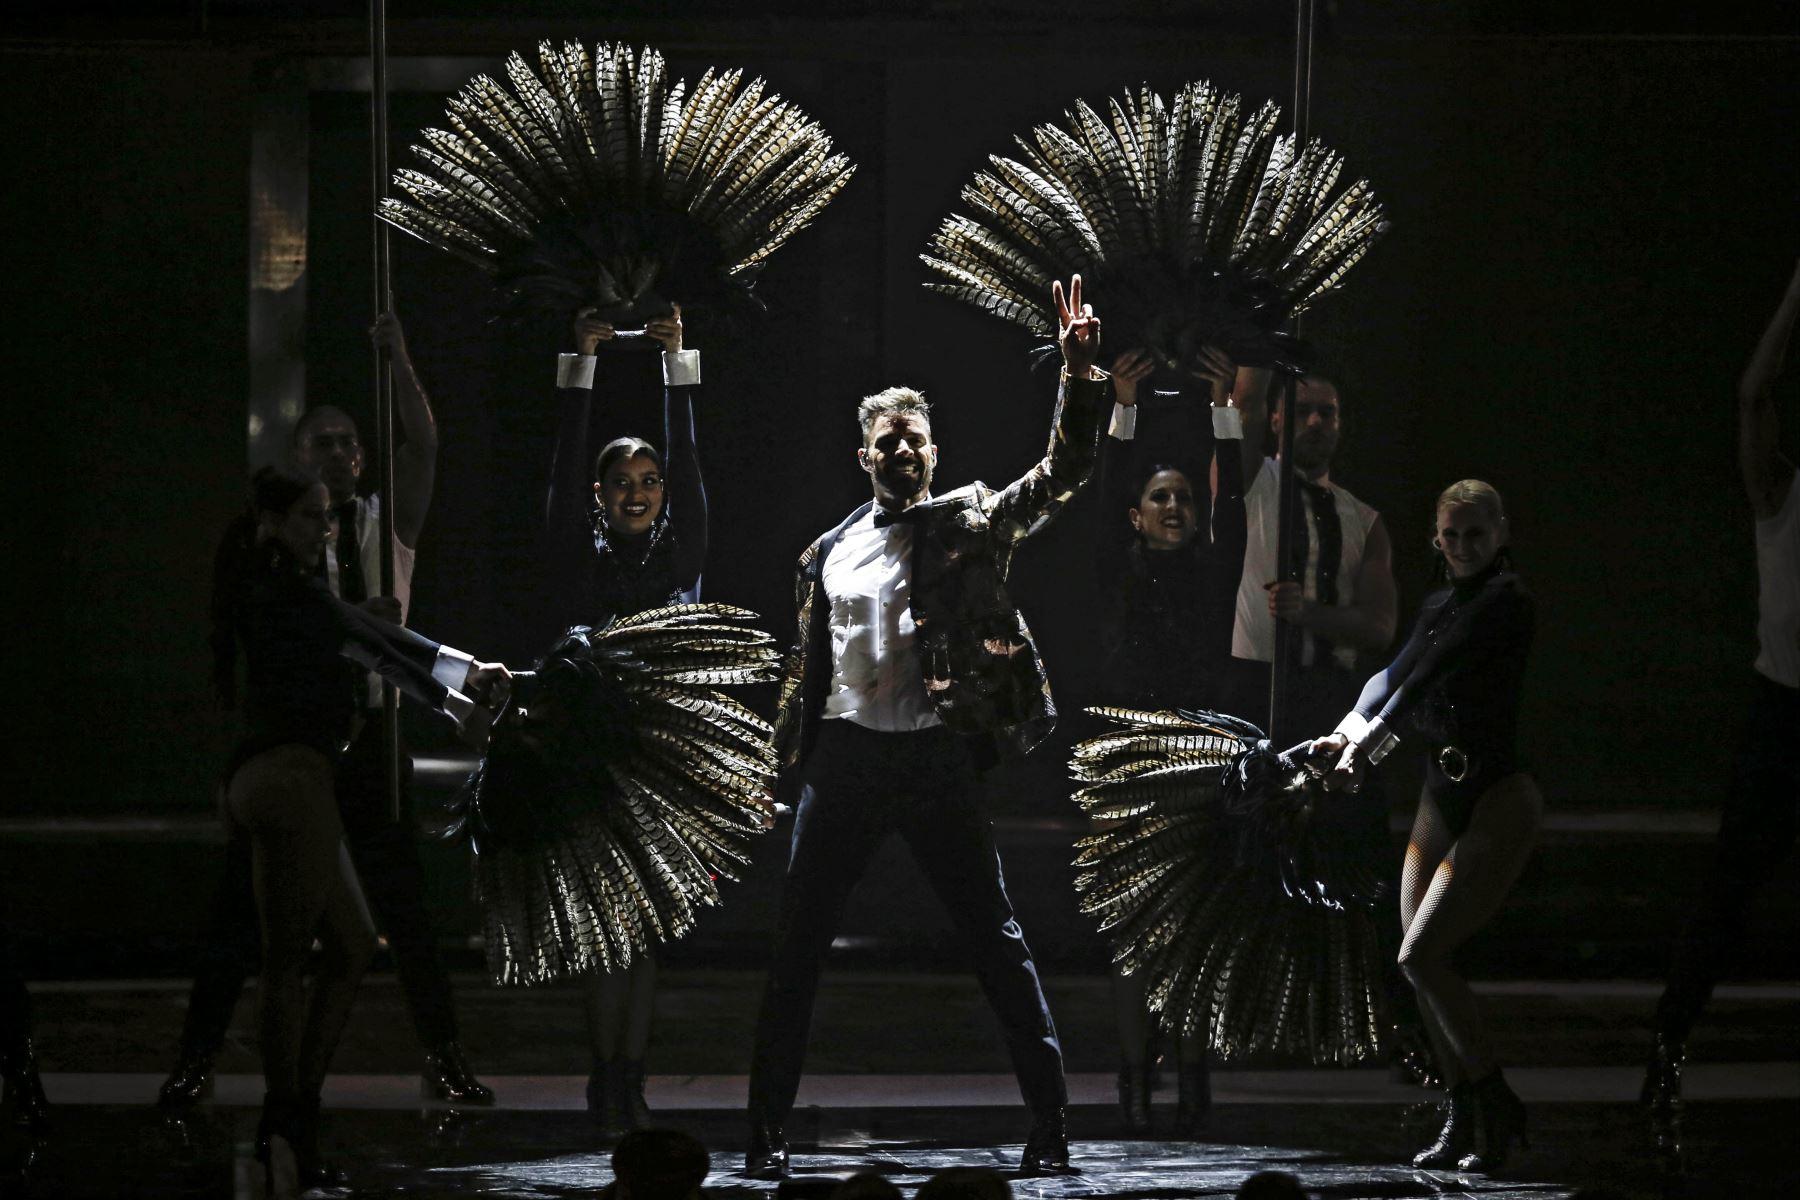 El cantante puertorriqueño Ricky Martin se presenta en el 61 Festival Internacional de la Canción de Viña del Mar en medio de protestas contra el gobierno de Sebastian Piñera. AFP